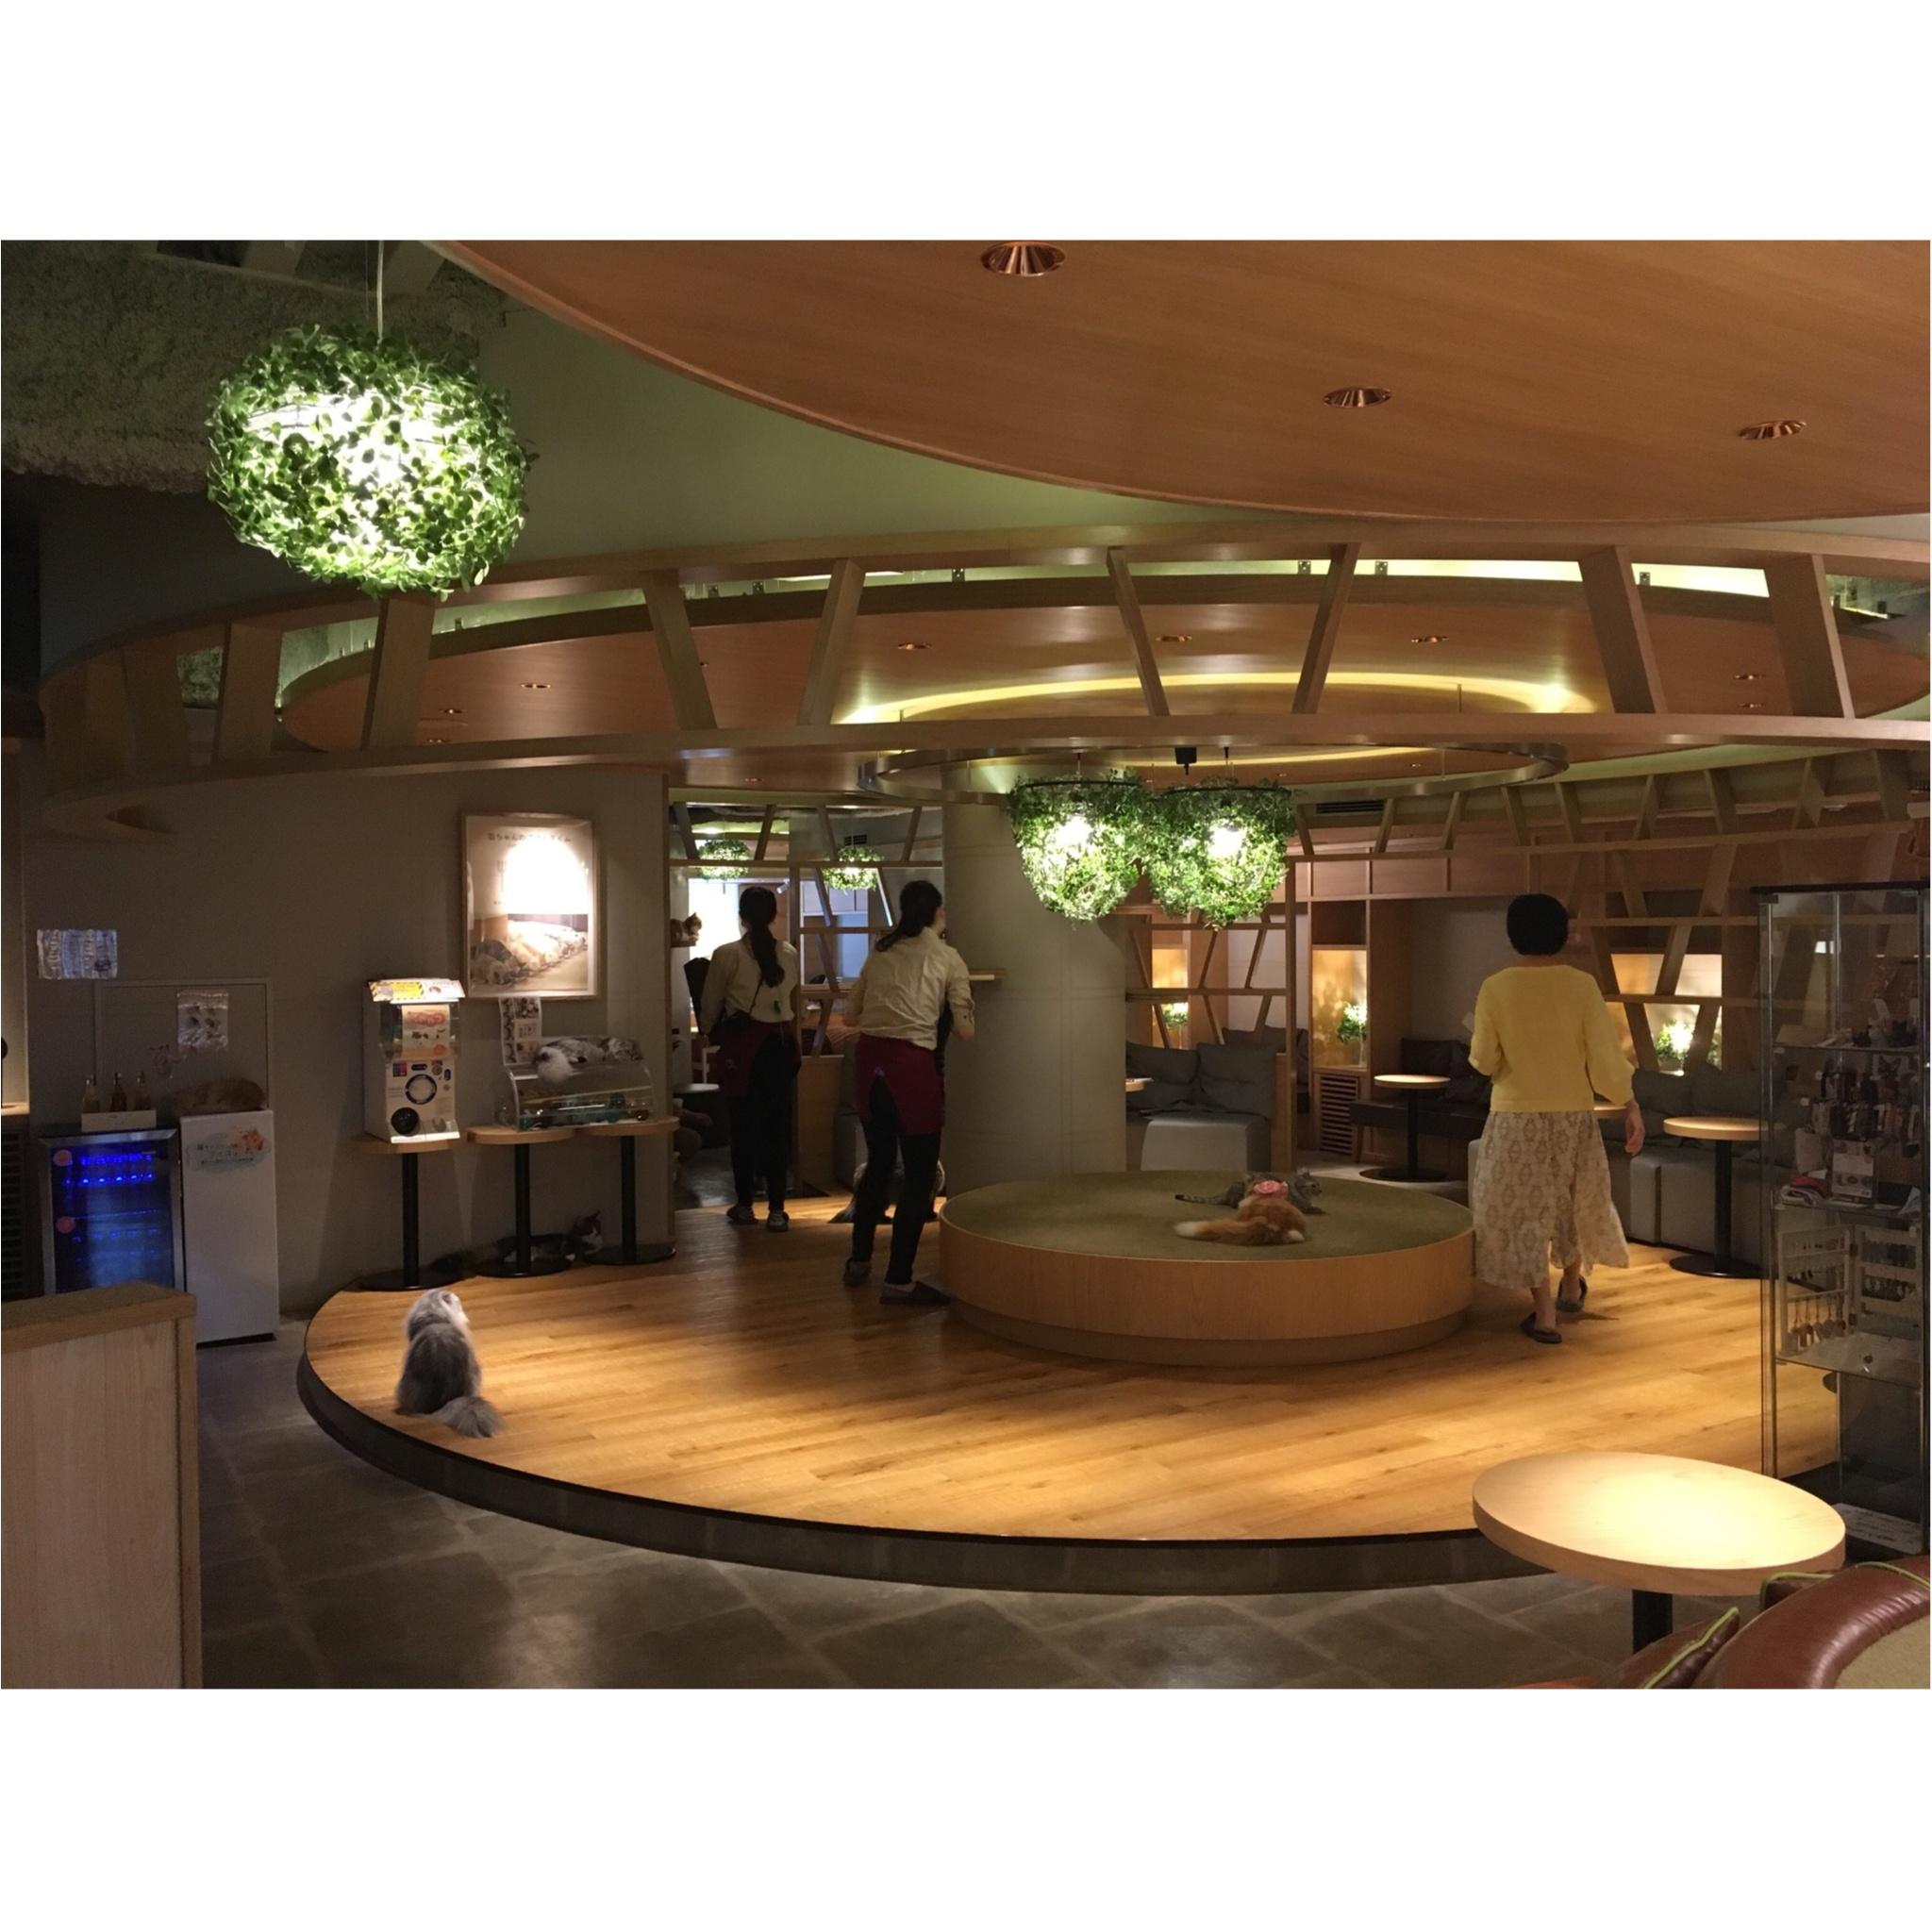 【GWはここで決まり!】日本最大級の猫カフェが新宿に⁈オシャレなラウンジカフェで可愛い猫たちに癒される!_2